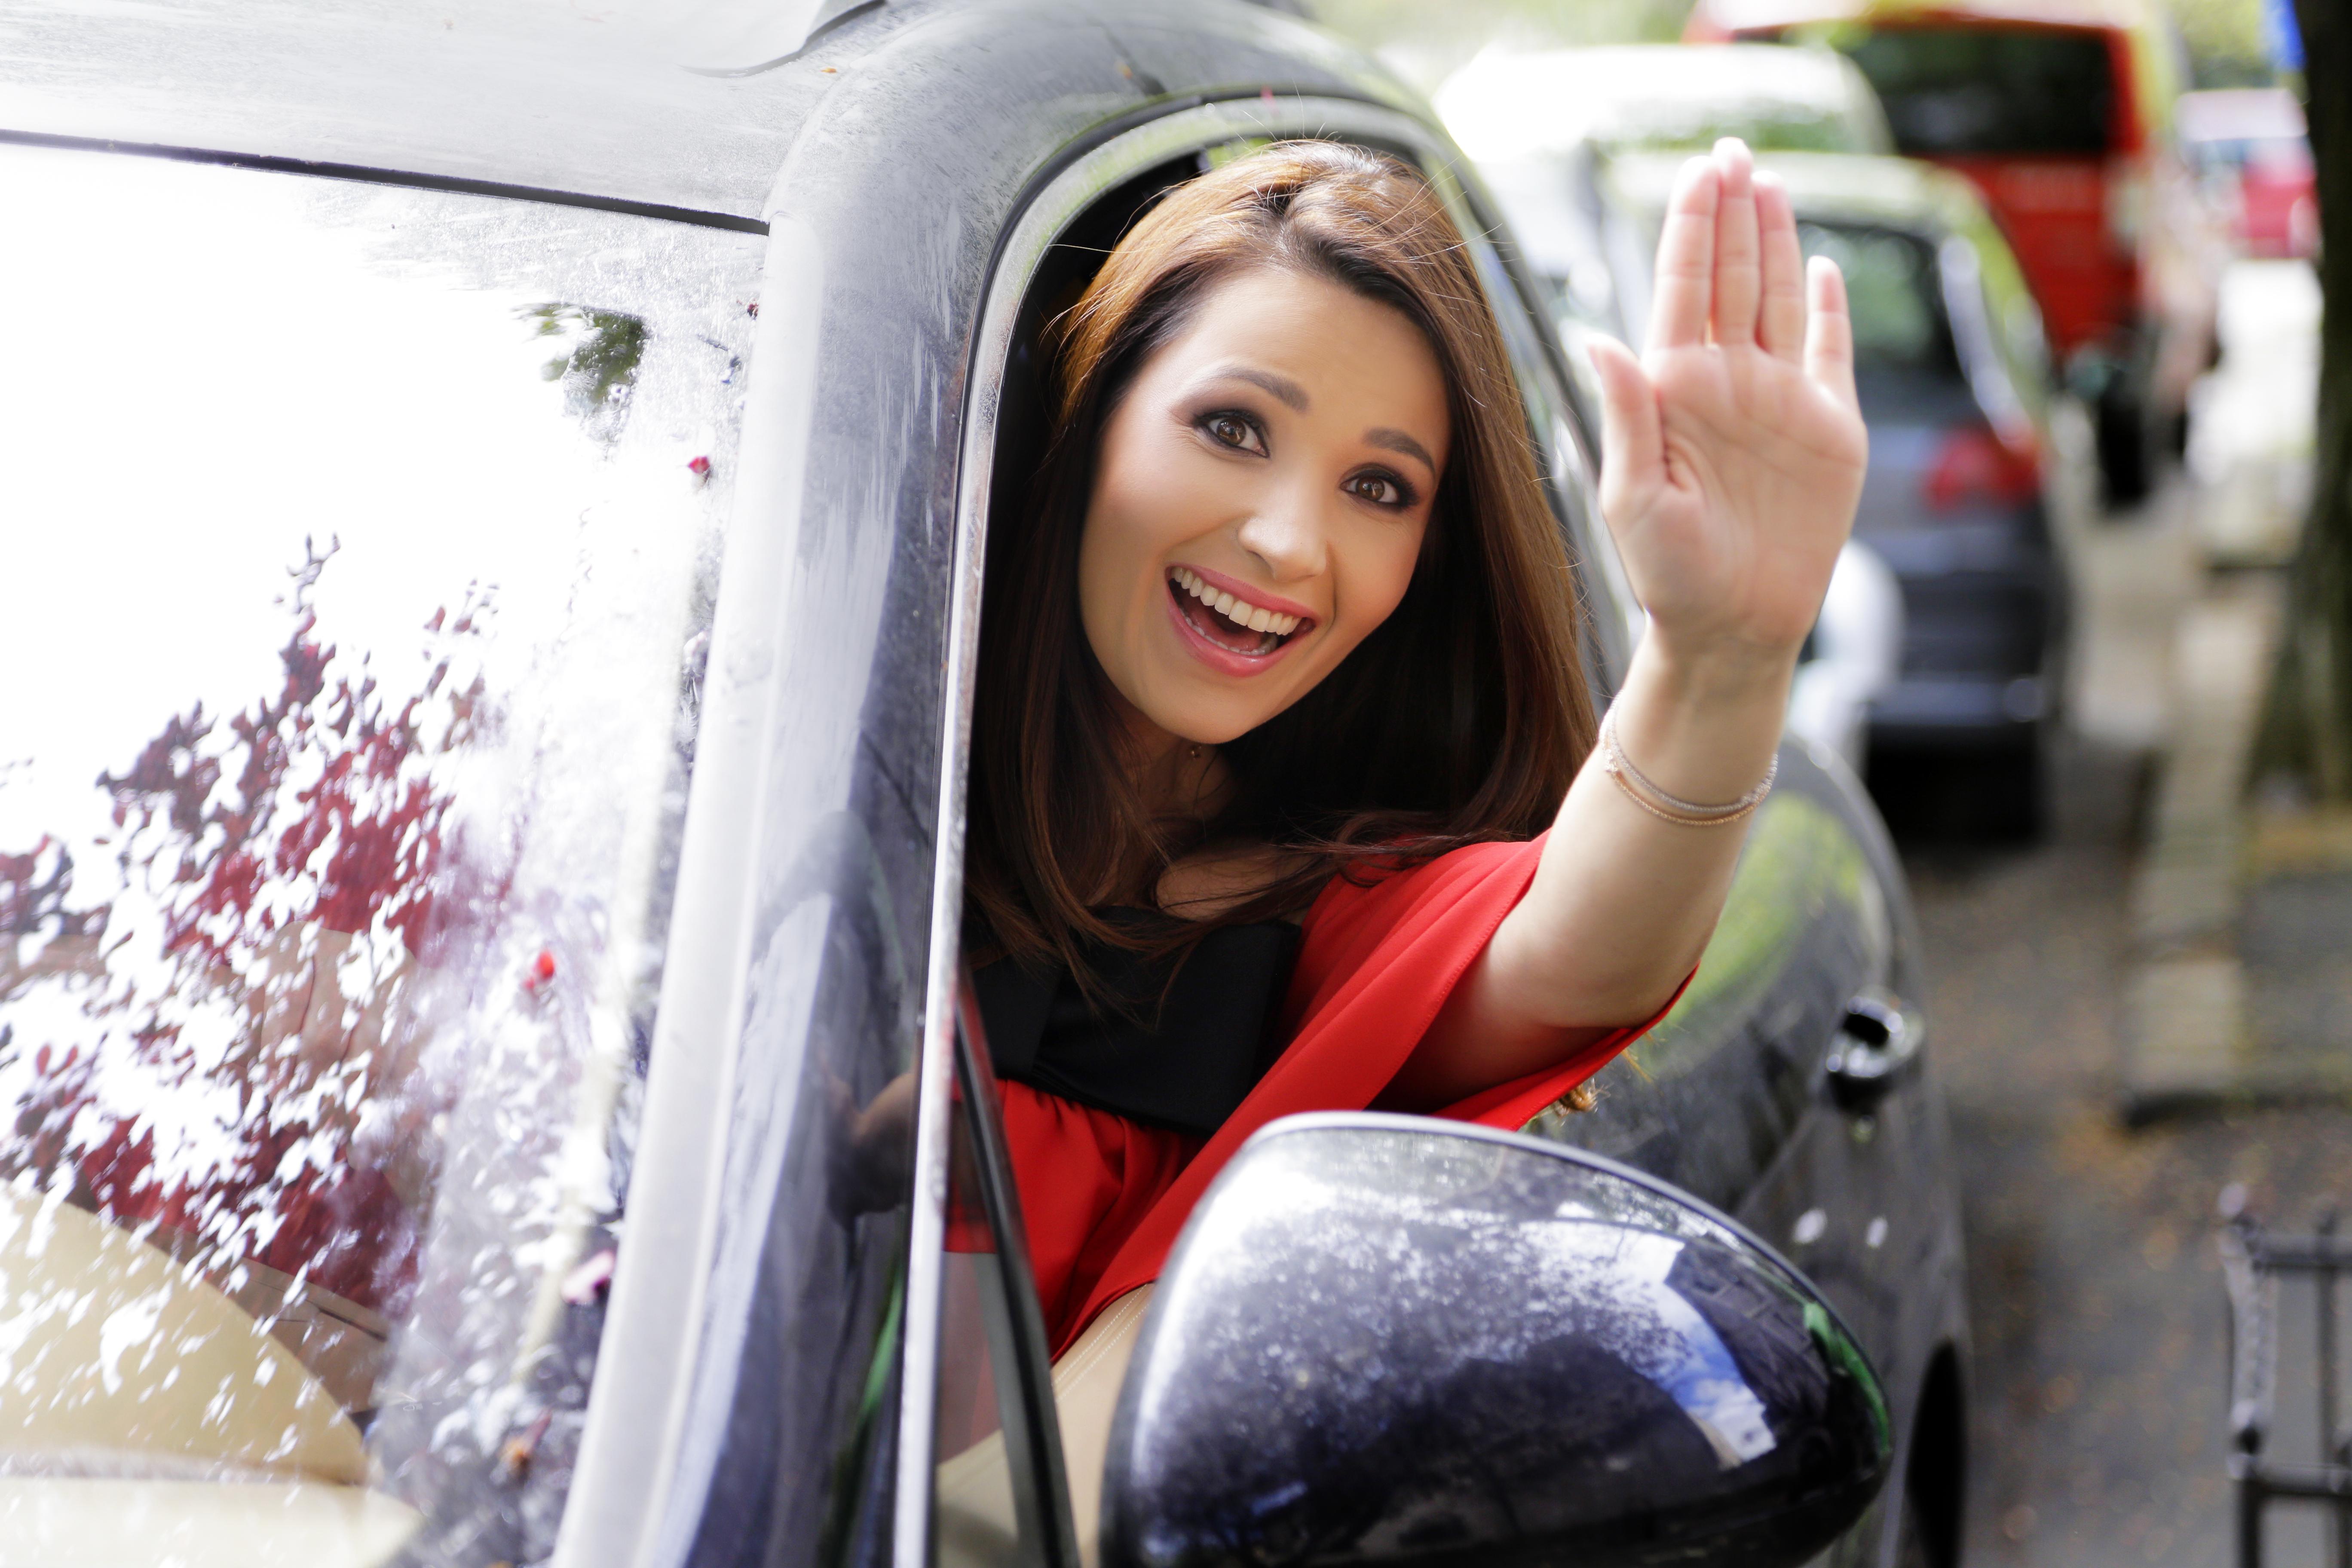 10 Mituri despre femeia la...volan